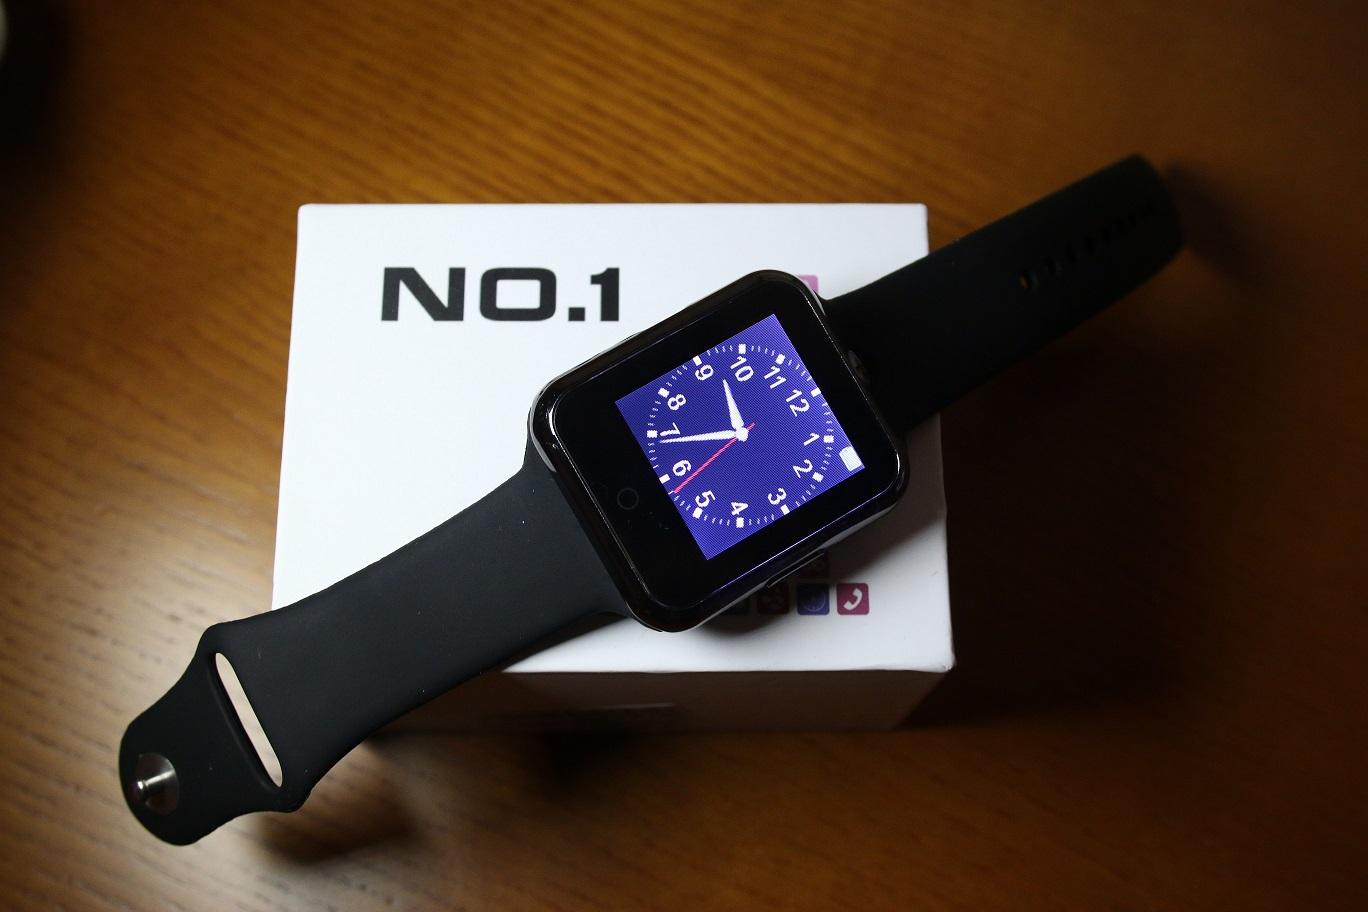 Análisis del smartwatch No.1 D3, completísimo por 20 euros